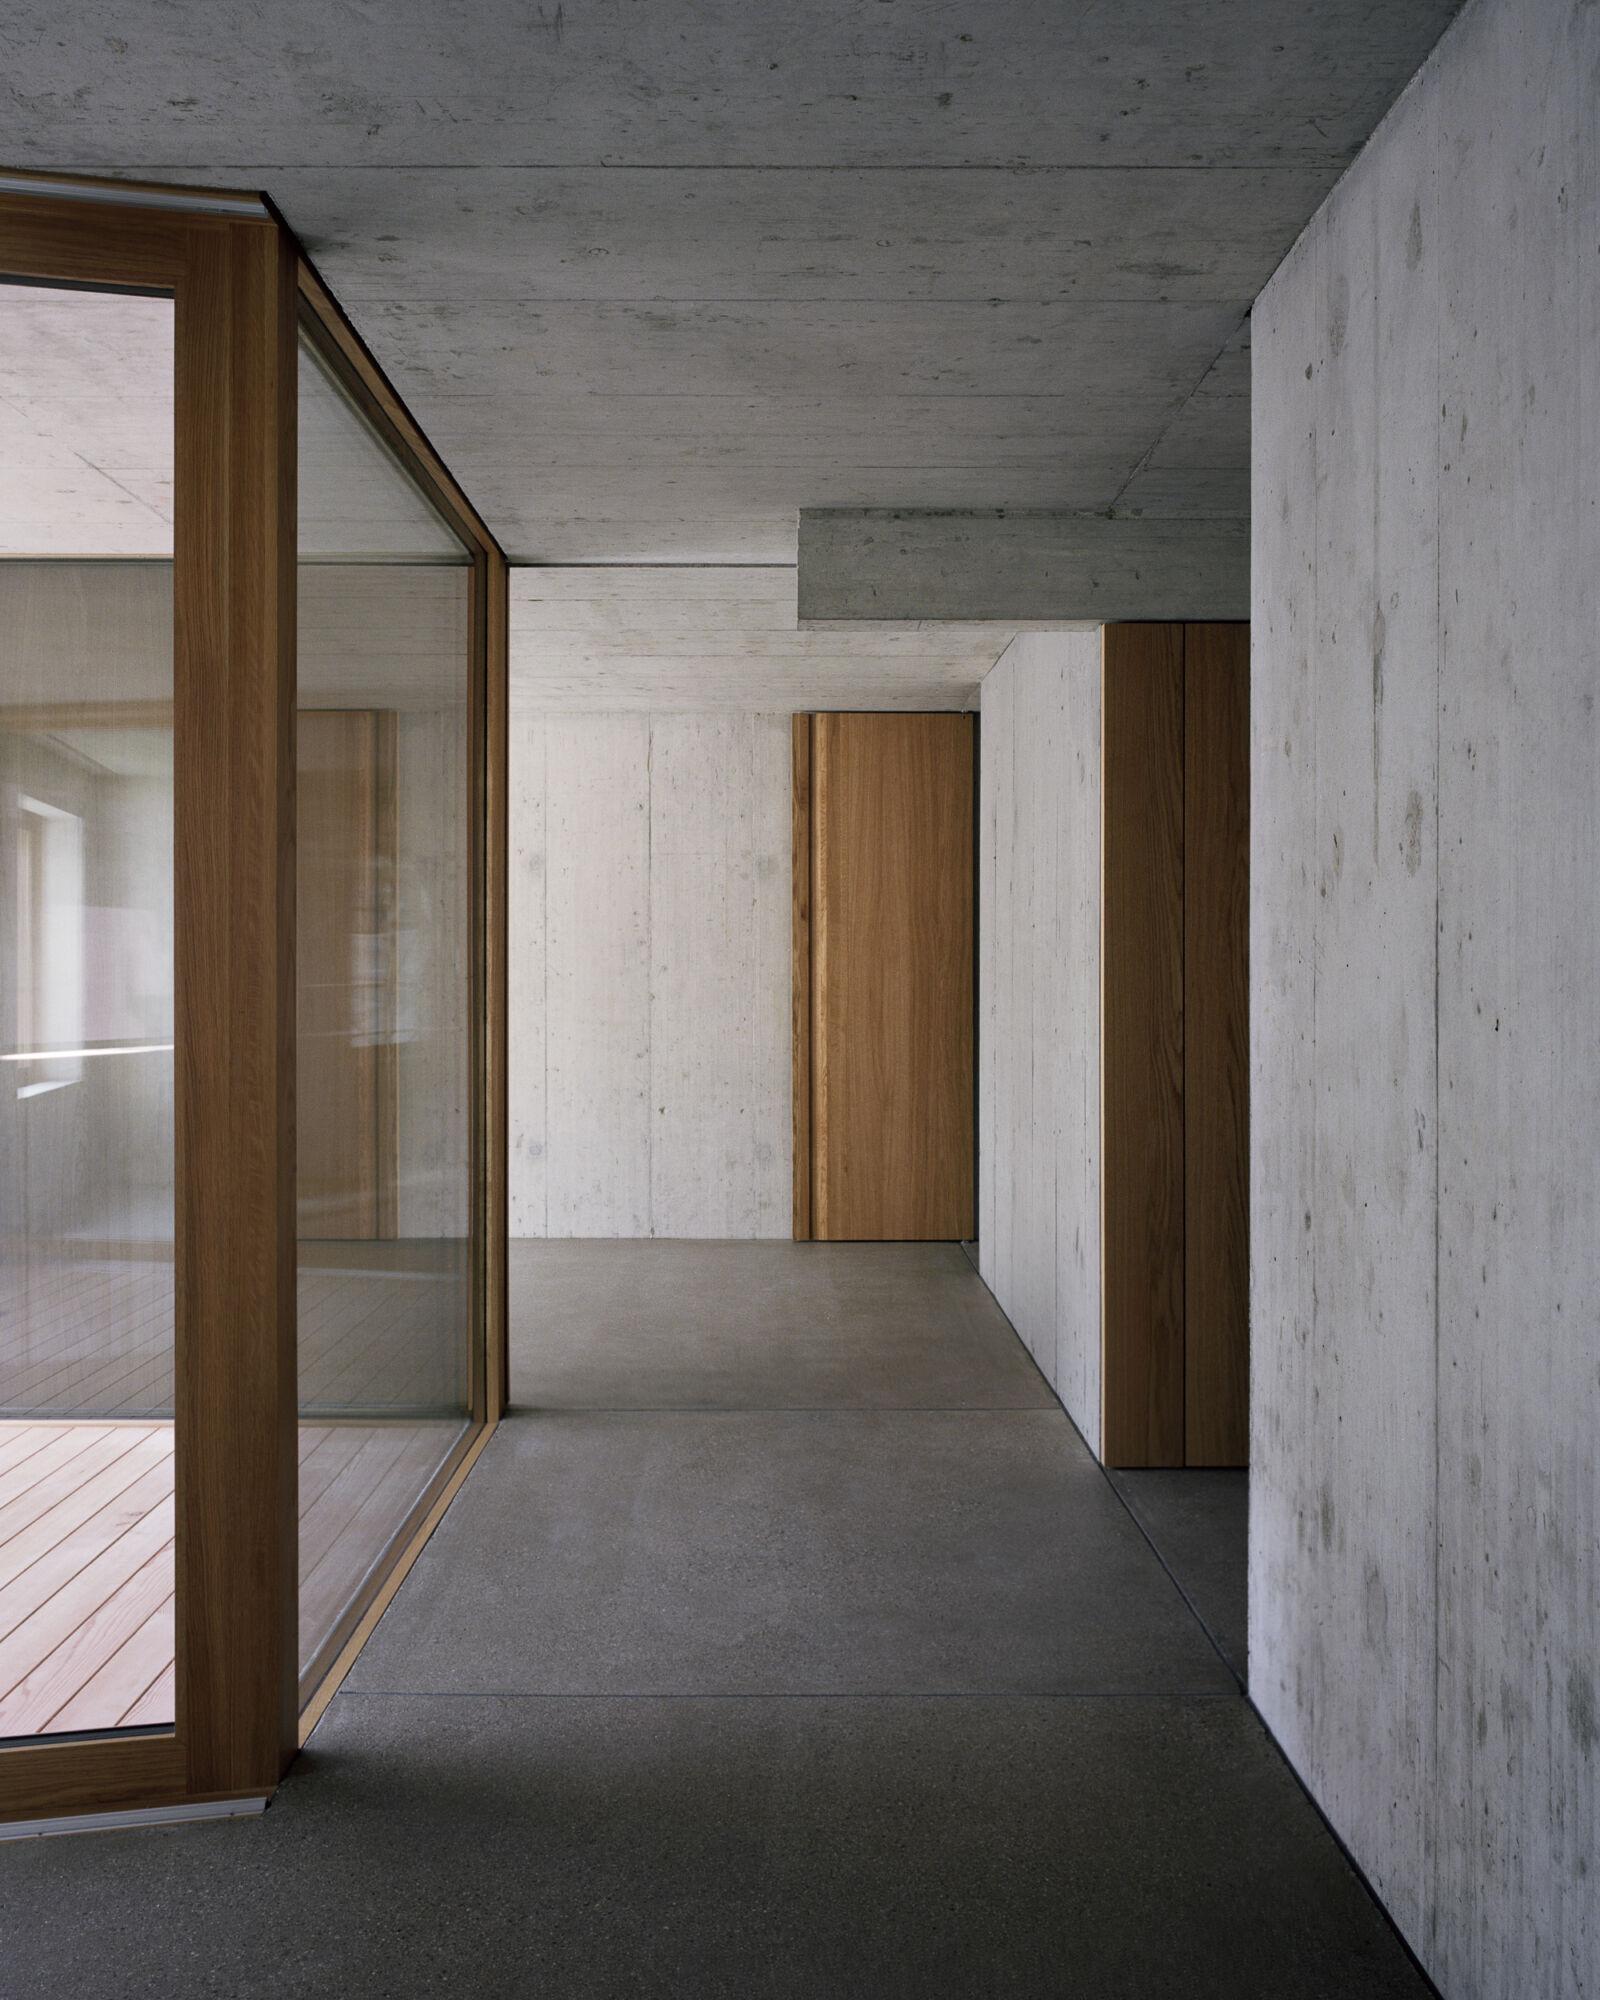 184 05 Wohnhaus Amthausquai Olten Rory Gardiner 08 V2 Web